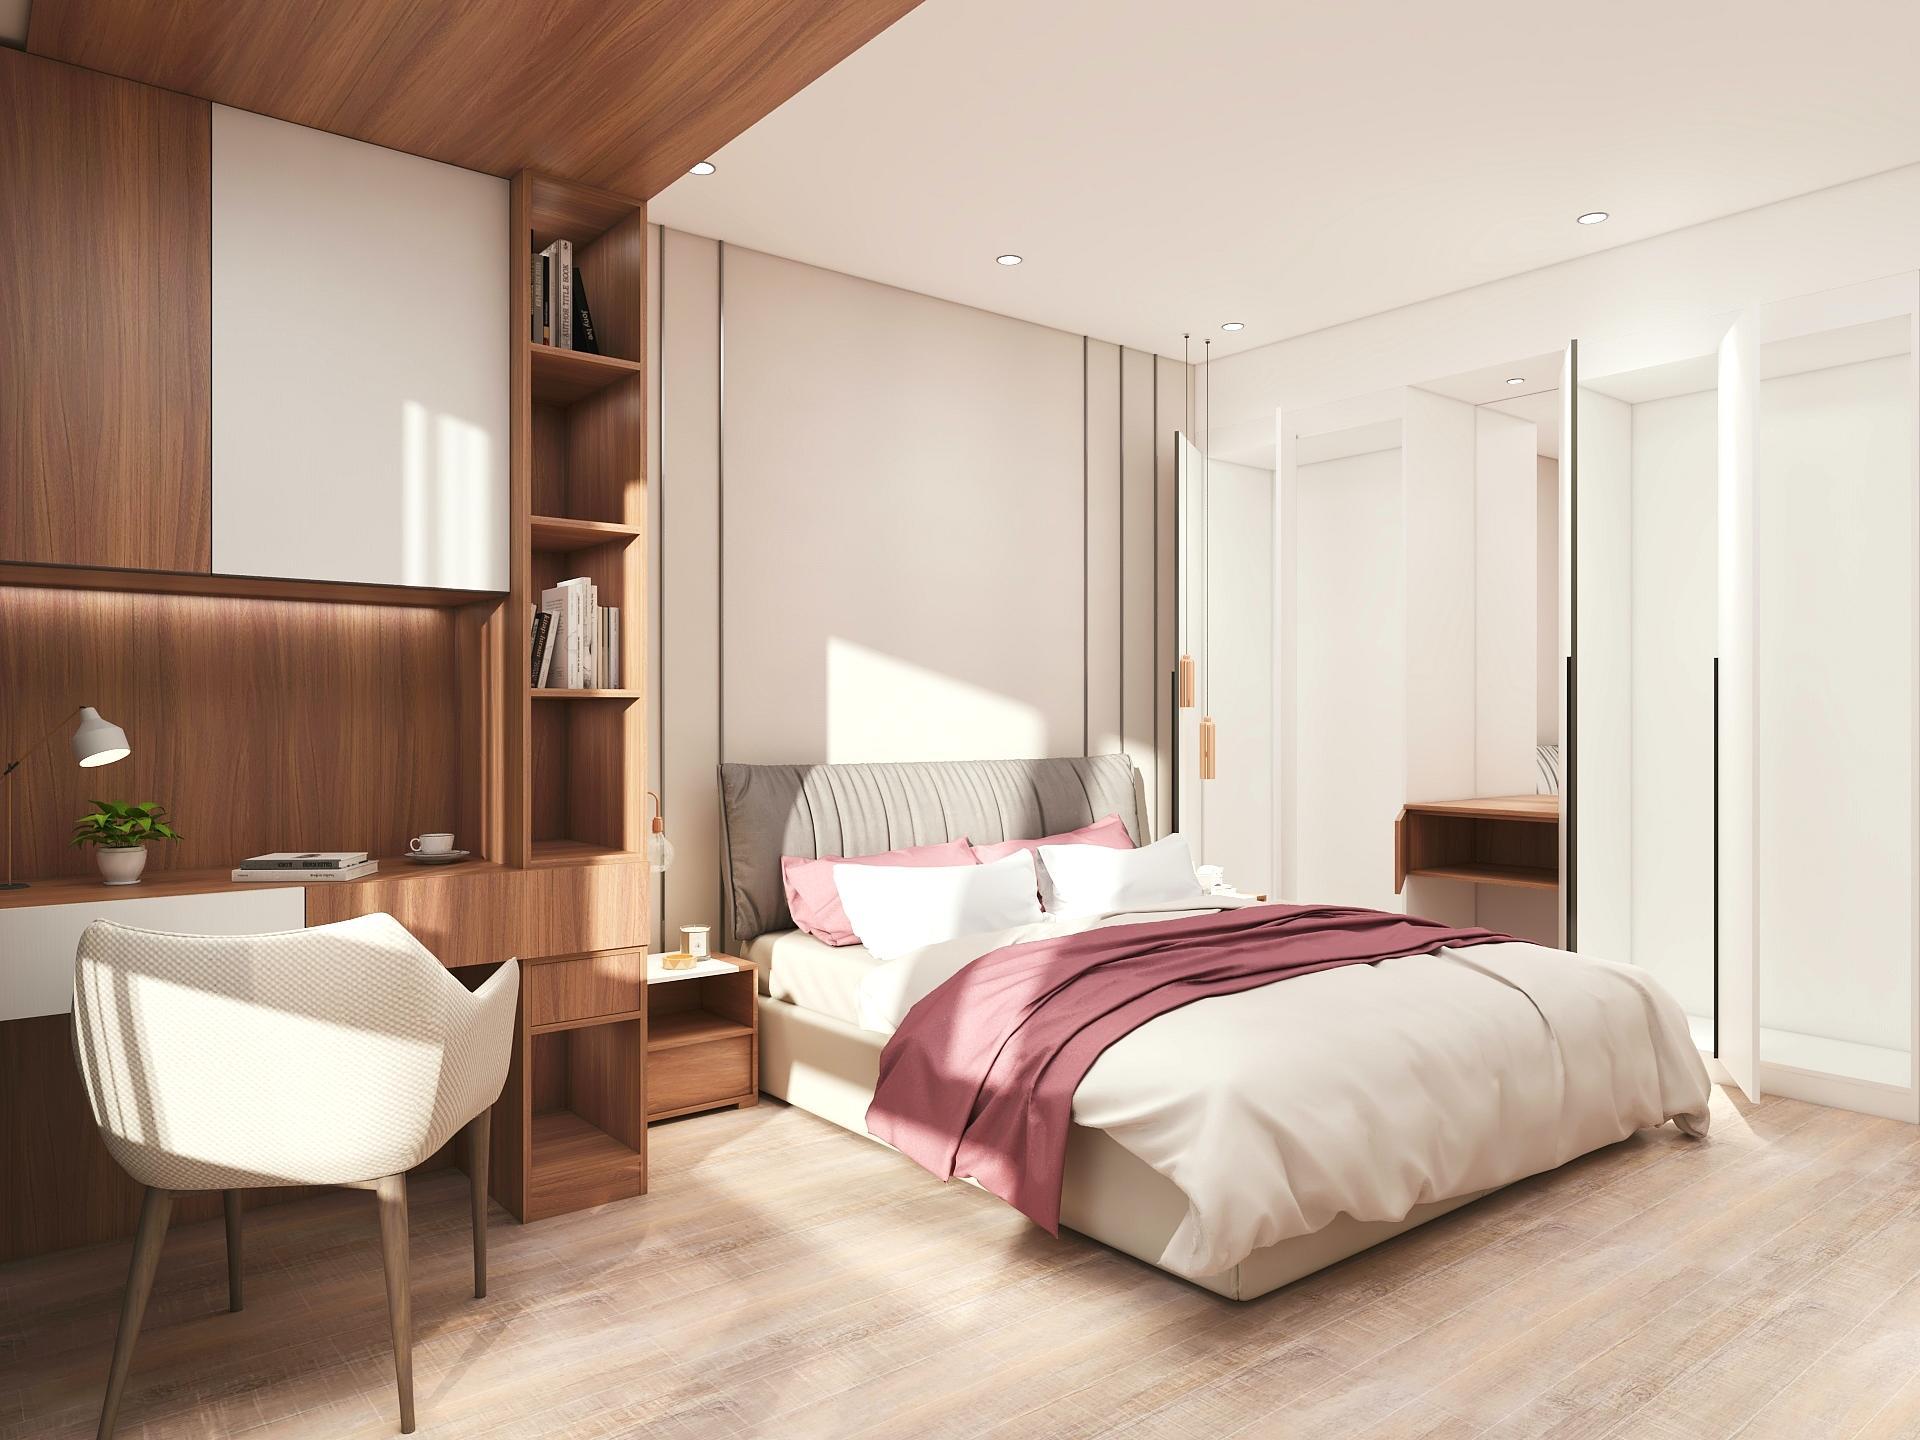 Dormitorio creado con Aihouse con las puertas abiertas